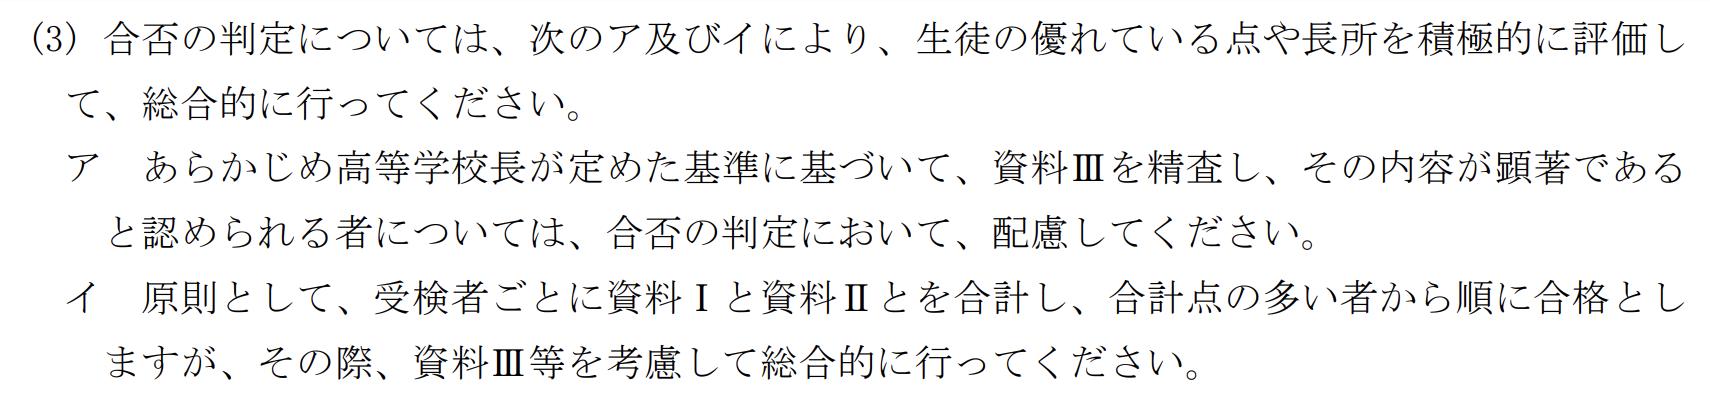 奈良県公立高校入試制度2